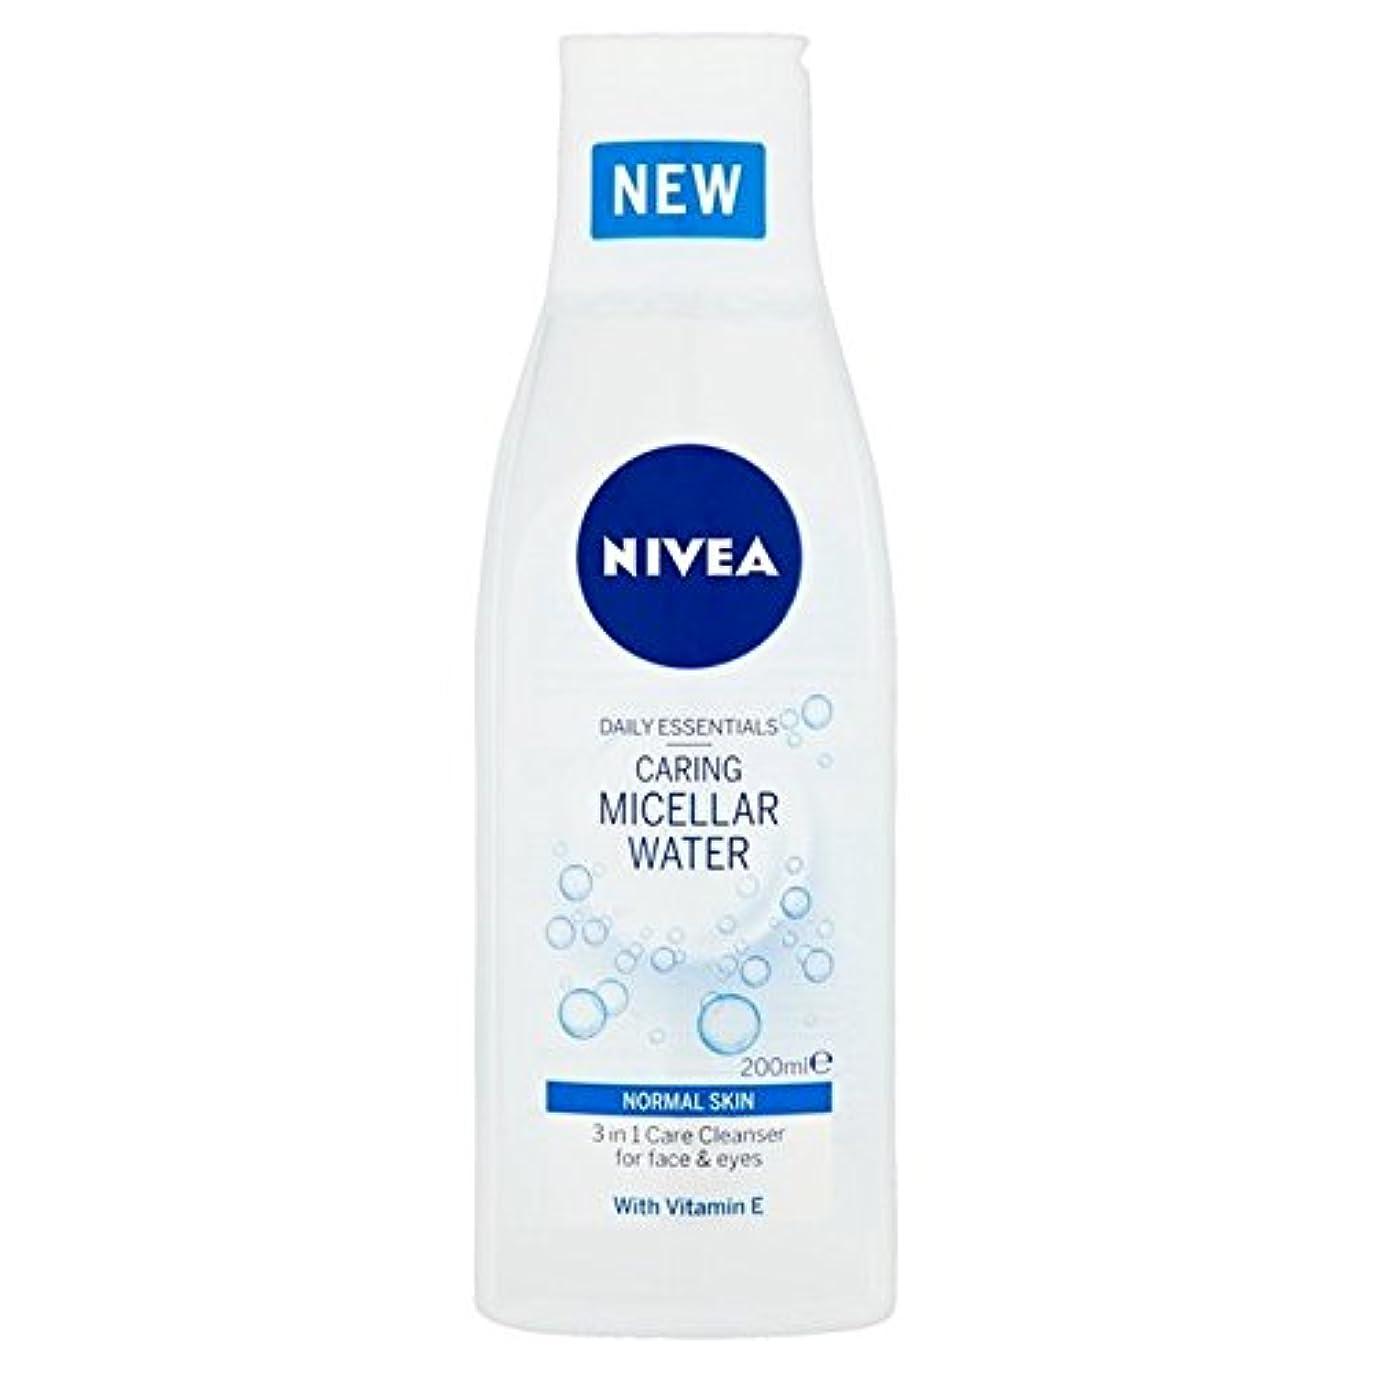 評決もちろん数学的な1つの敏感な思いやりのあるミセル水の正常な皮膚の200ミリリットルでニベア3 x2 - Nivea 3 in 1 Sensitive Caring Micellar Water Normal Skin 200ml (Pack...